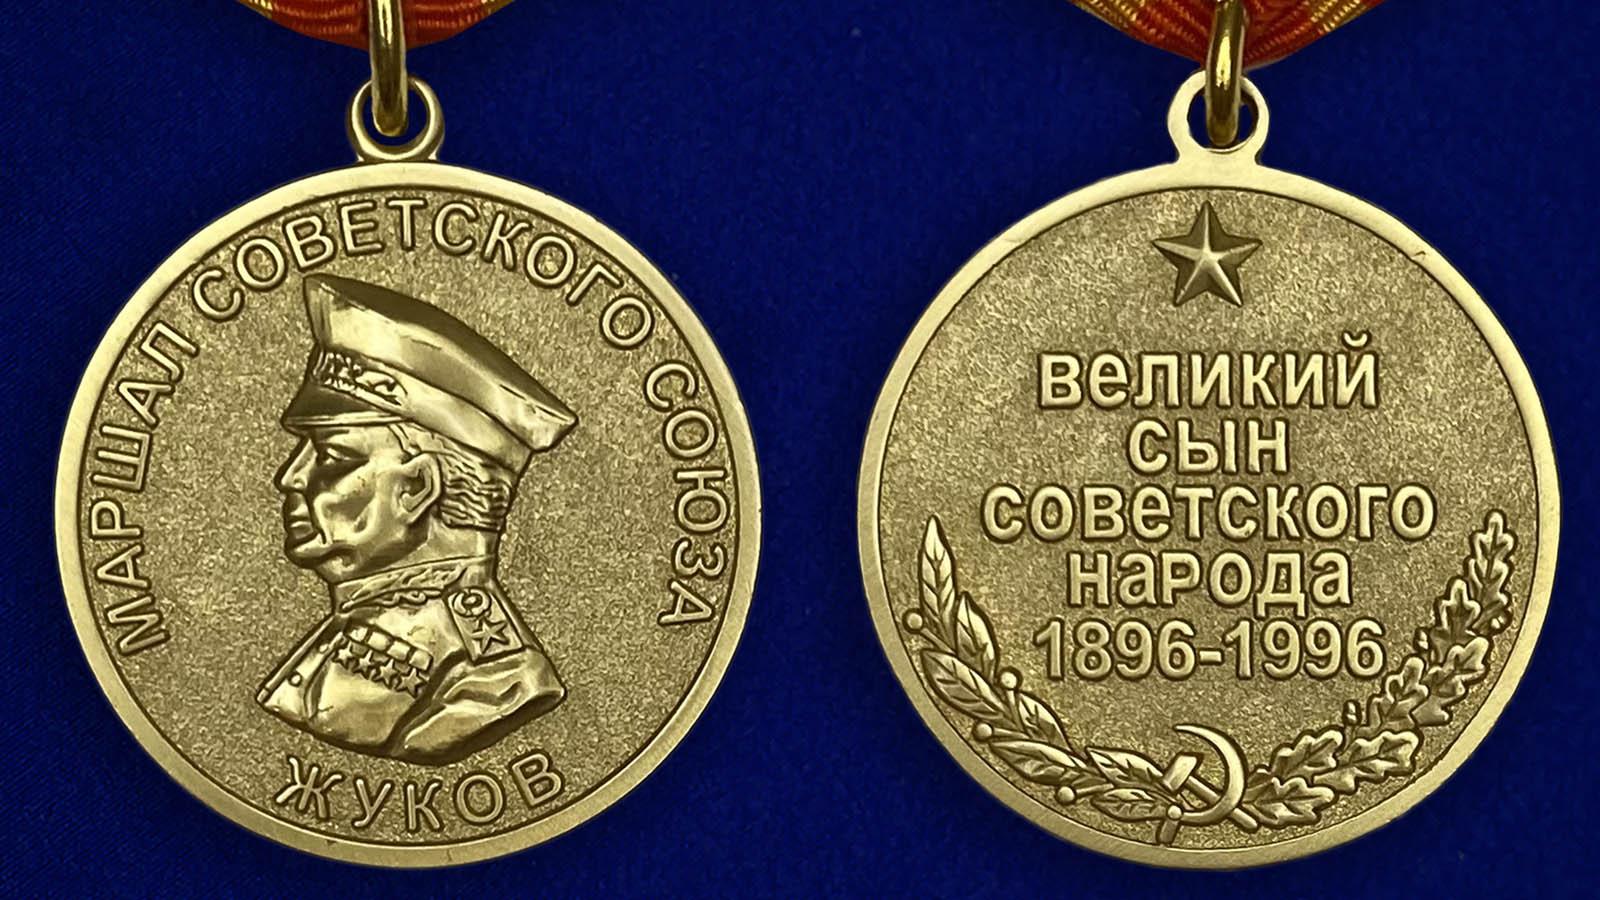 """Медаль """"Жуков. 1896-1996"""" - аверс и реверс"""